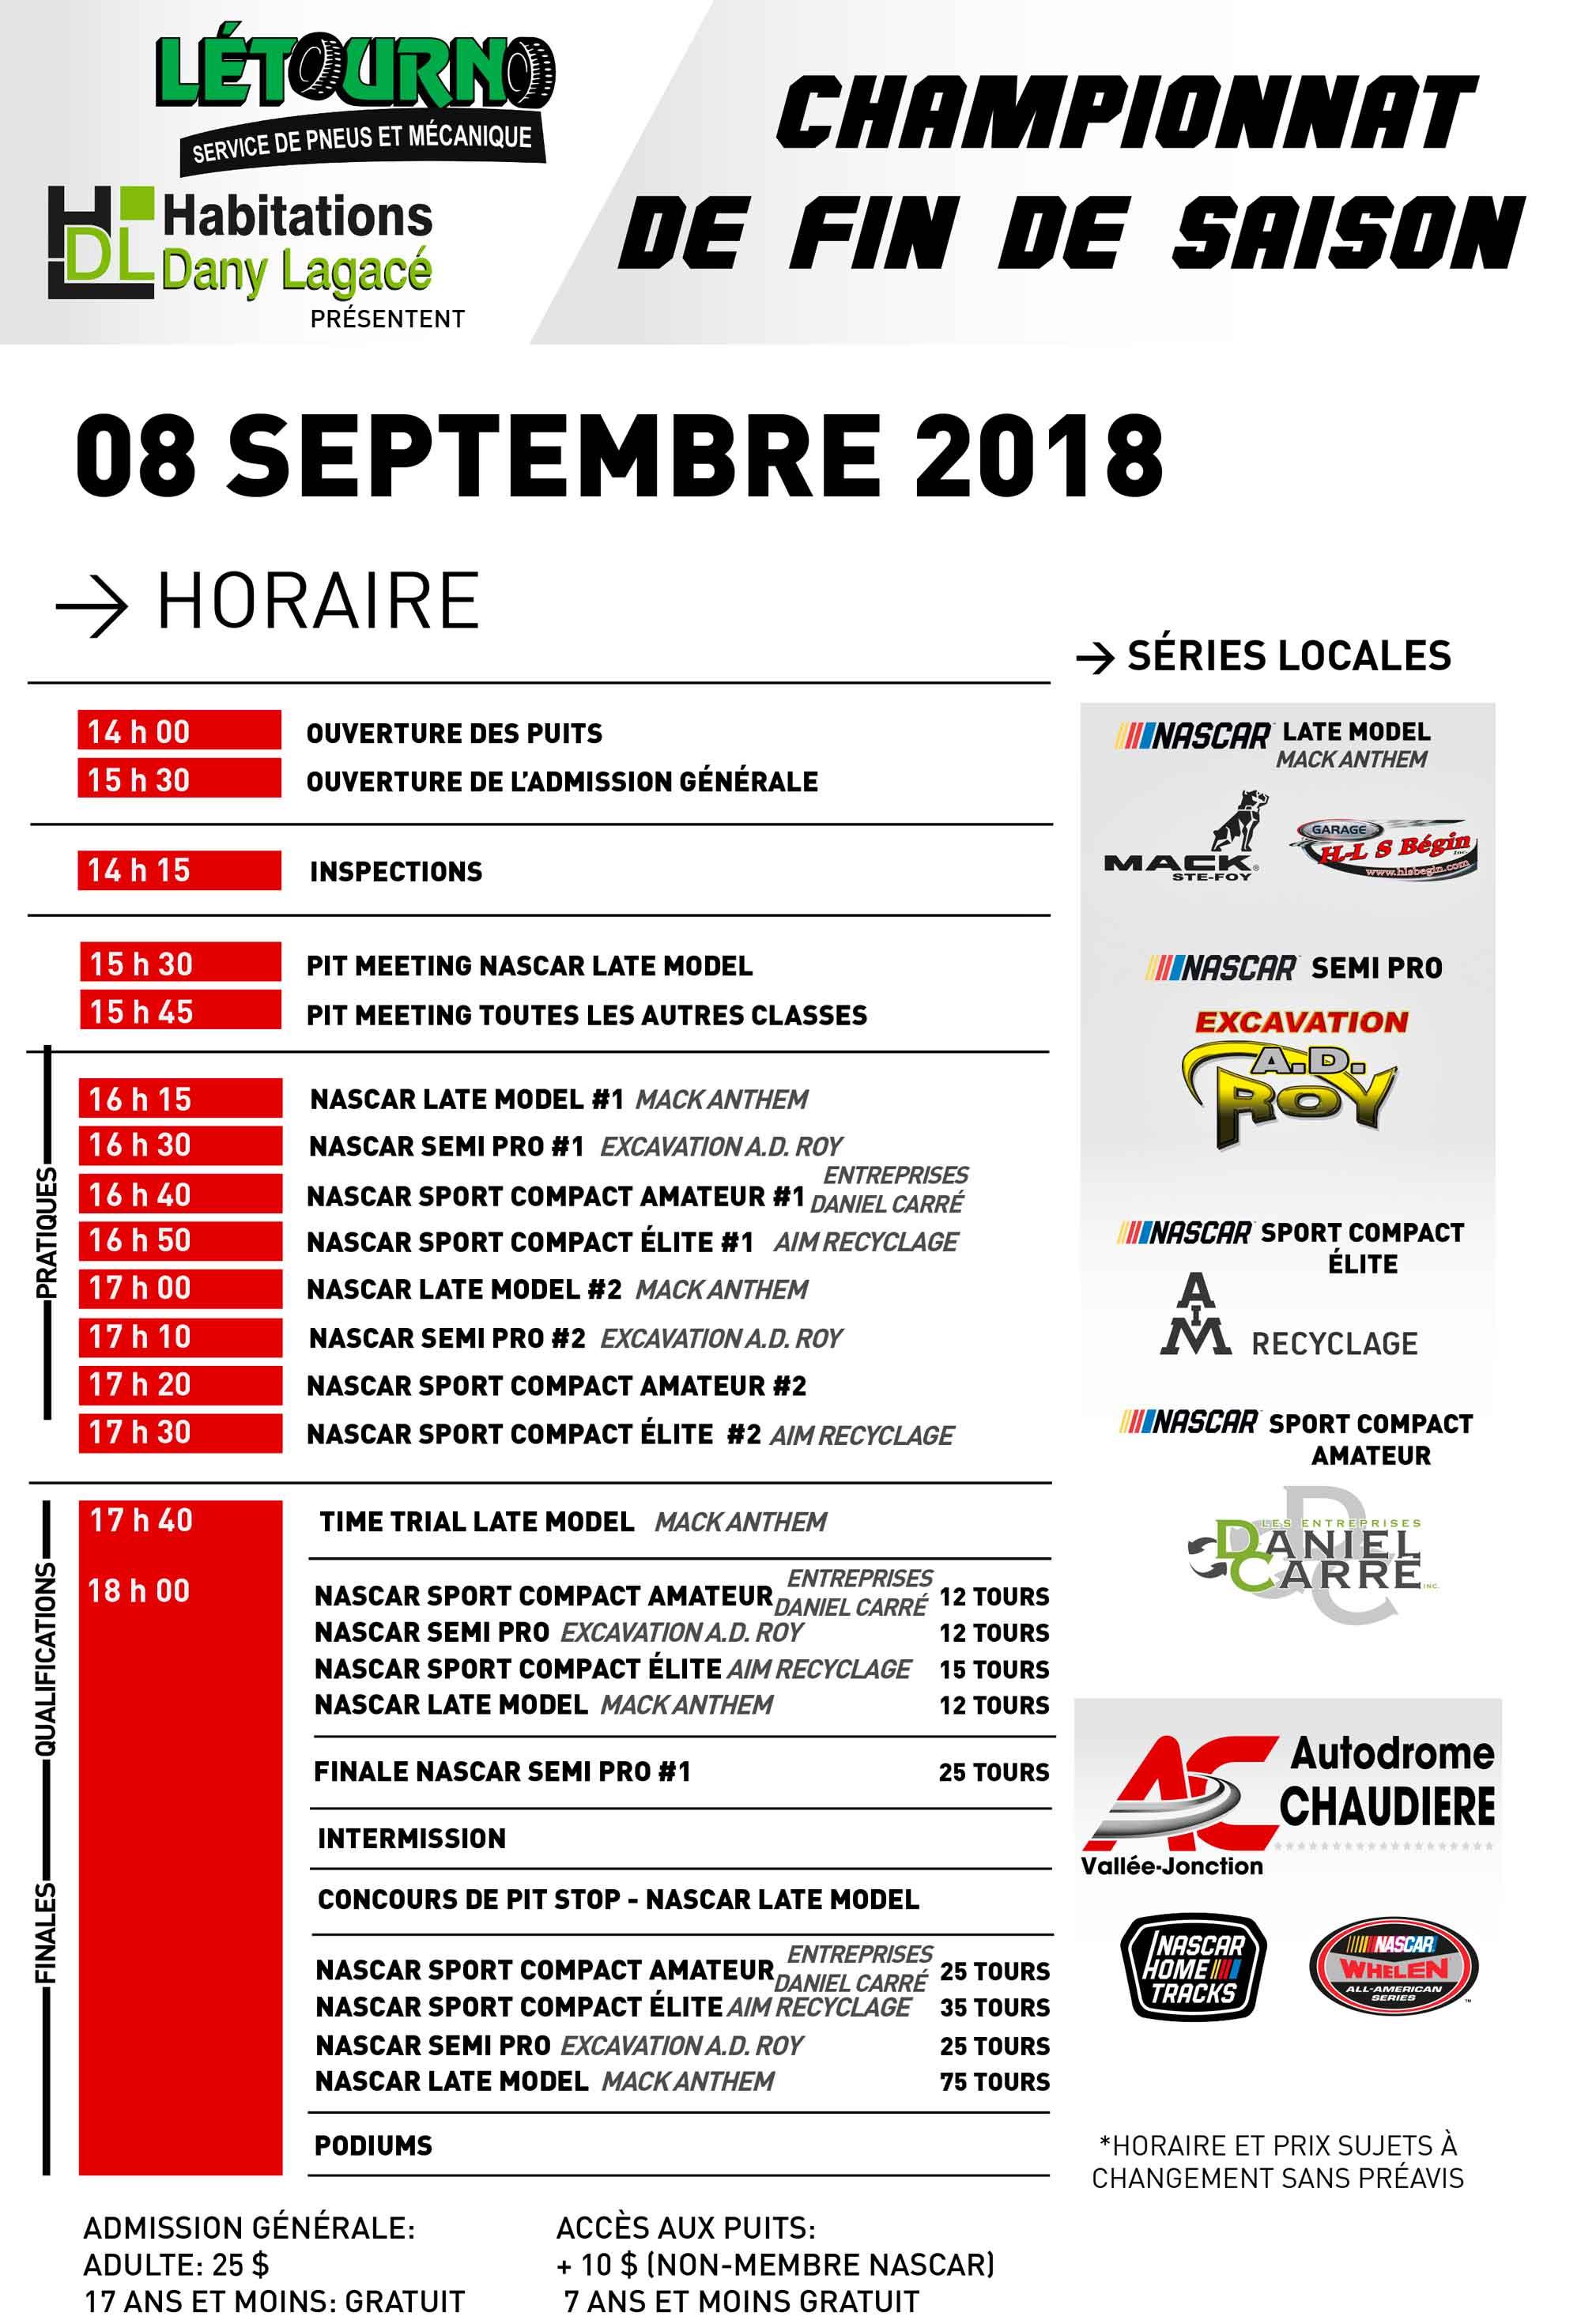 Finale du championnat locale à l'Autodrome Chaudière _18_09_08__Horaire